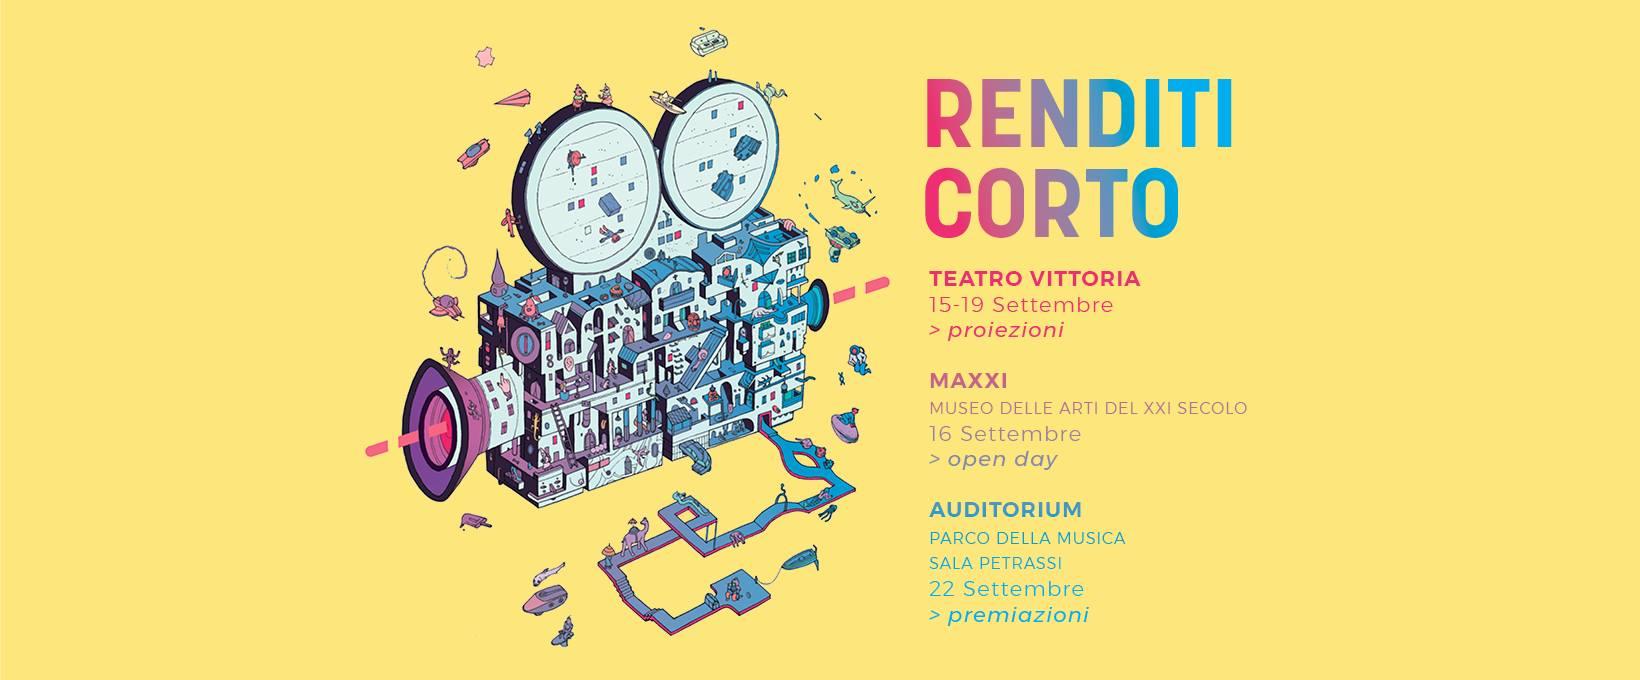 roma creative contest 2018 zerkalo spettacolo